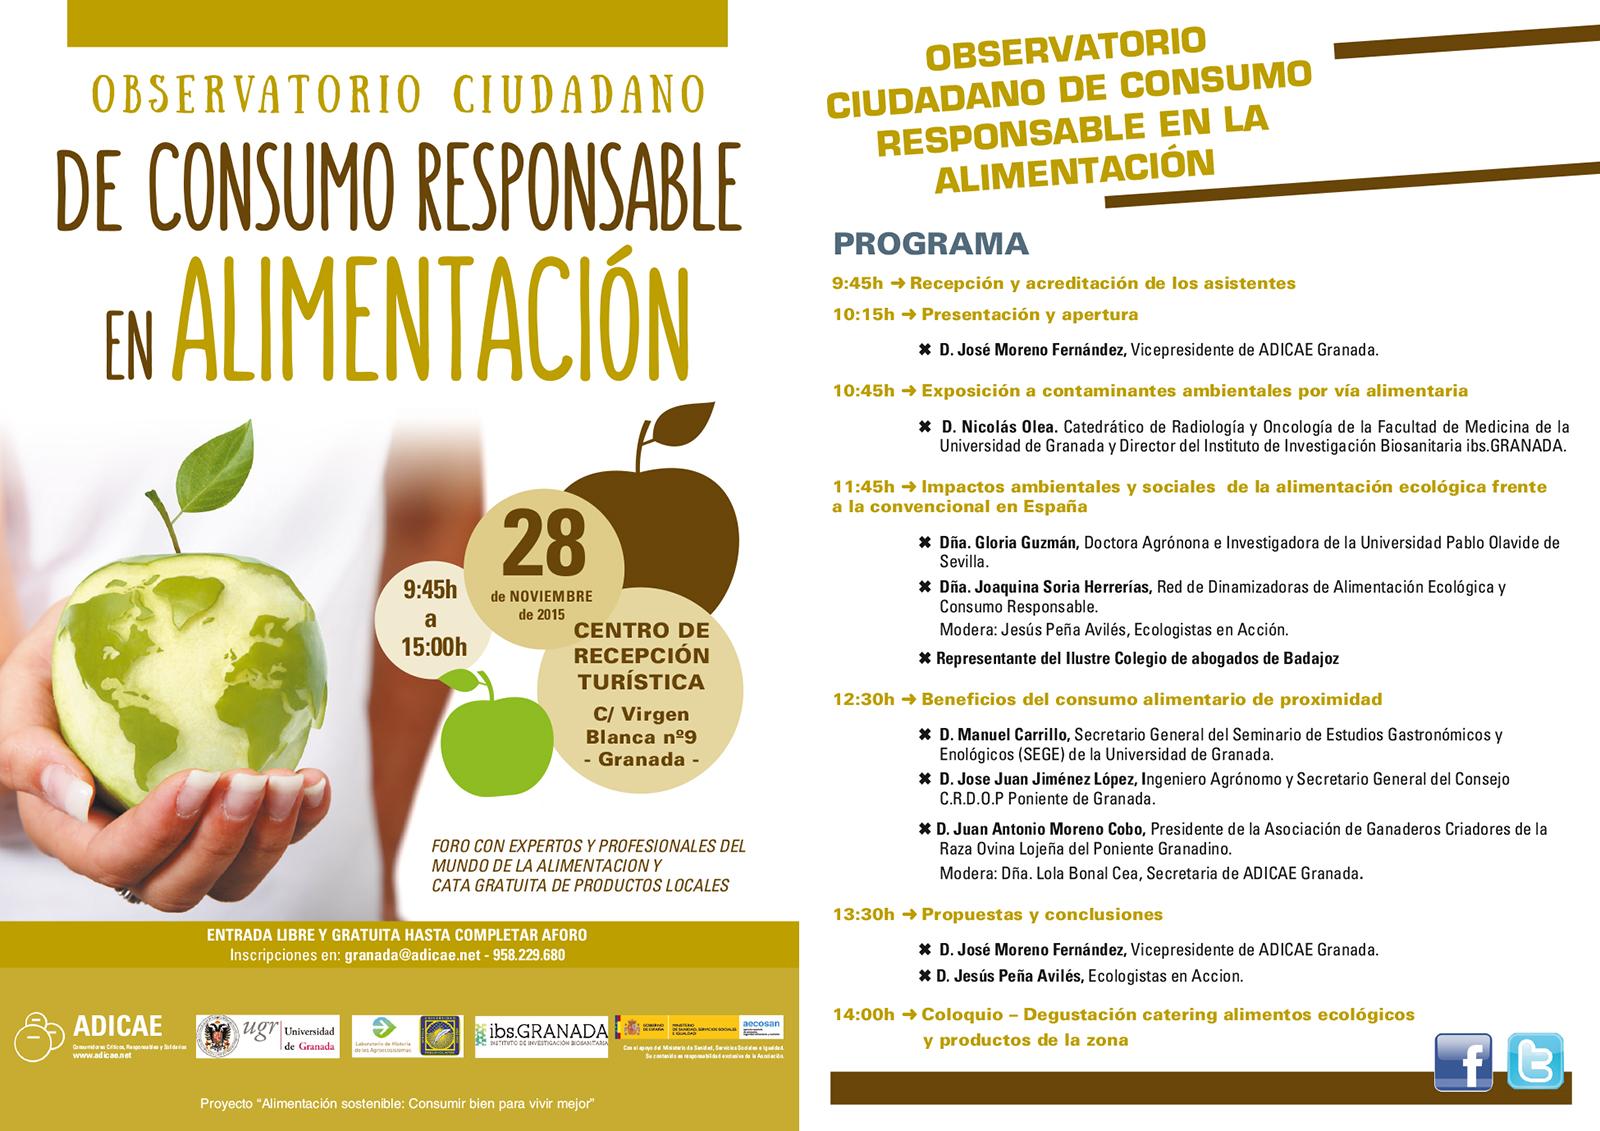 Consulta el programa de la próxima jornada que celebraremos en la provincia de Granada sobre el Consumo Responsable en la Alimentación.